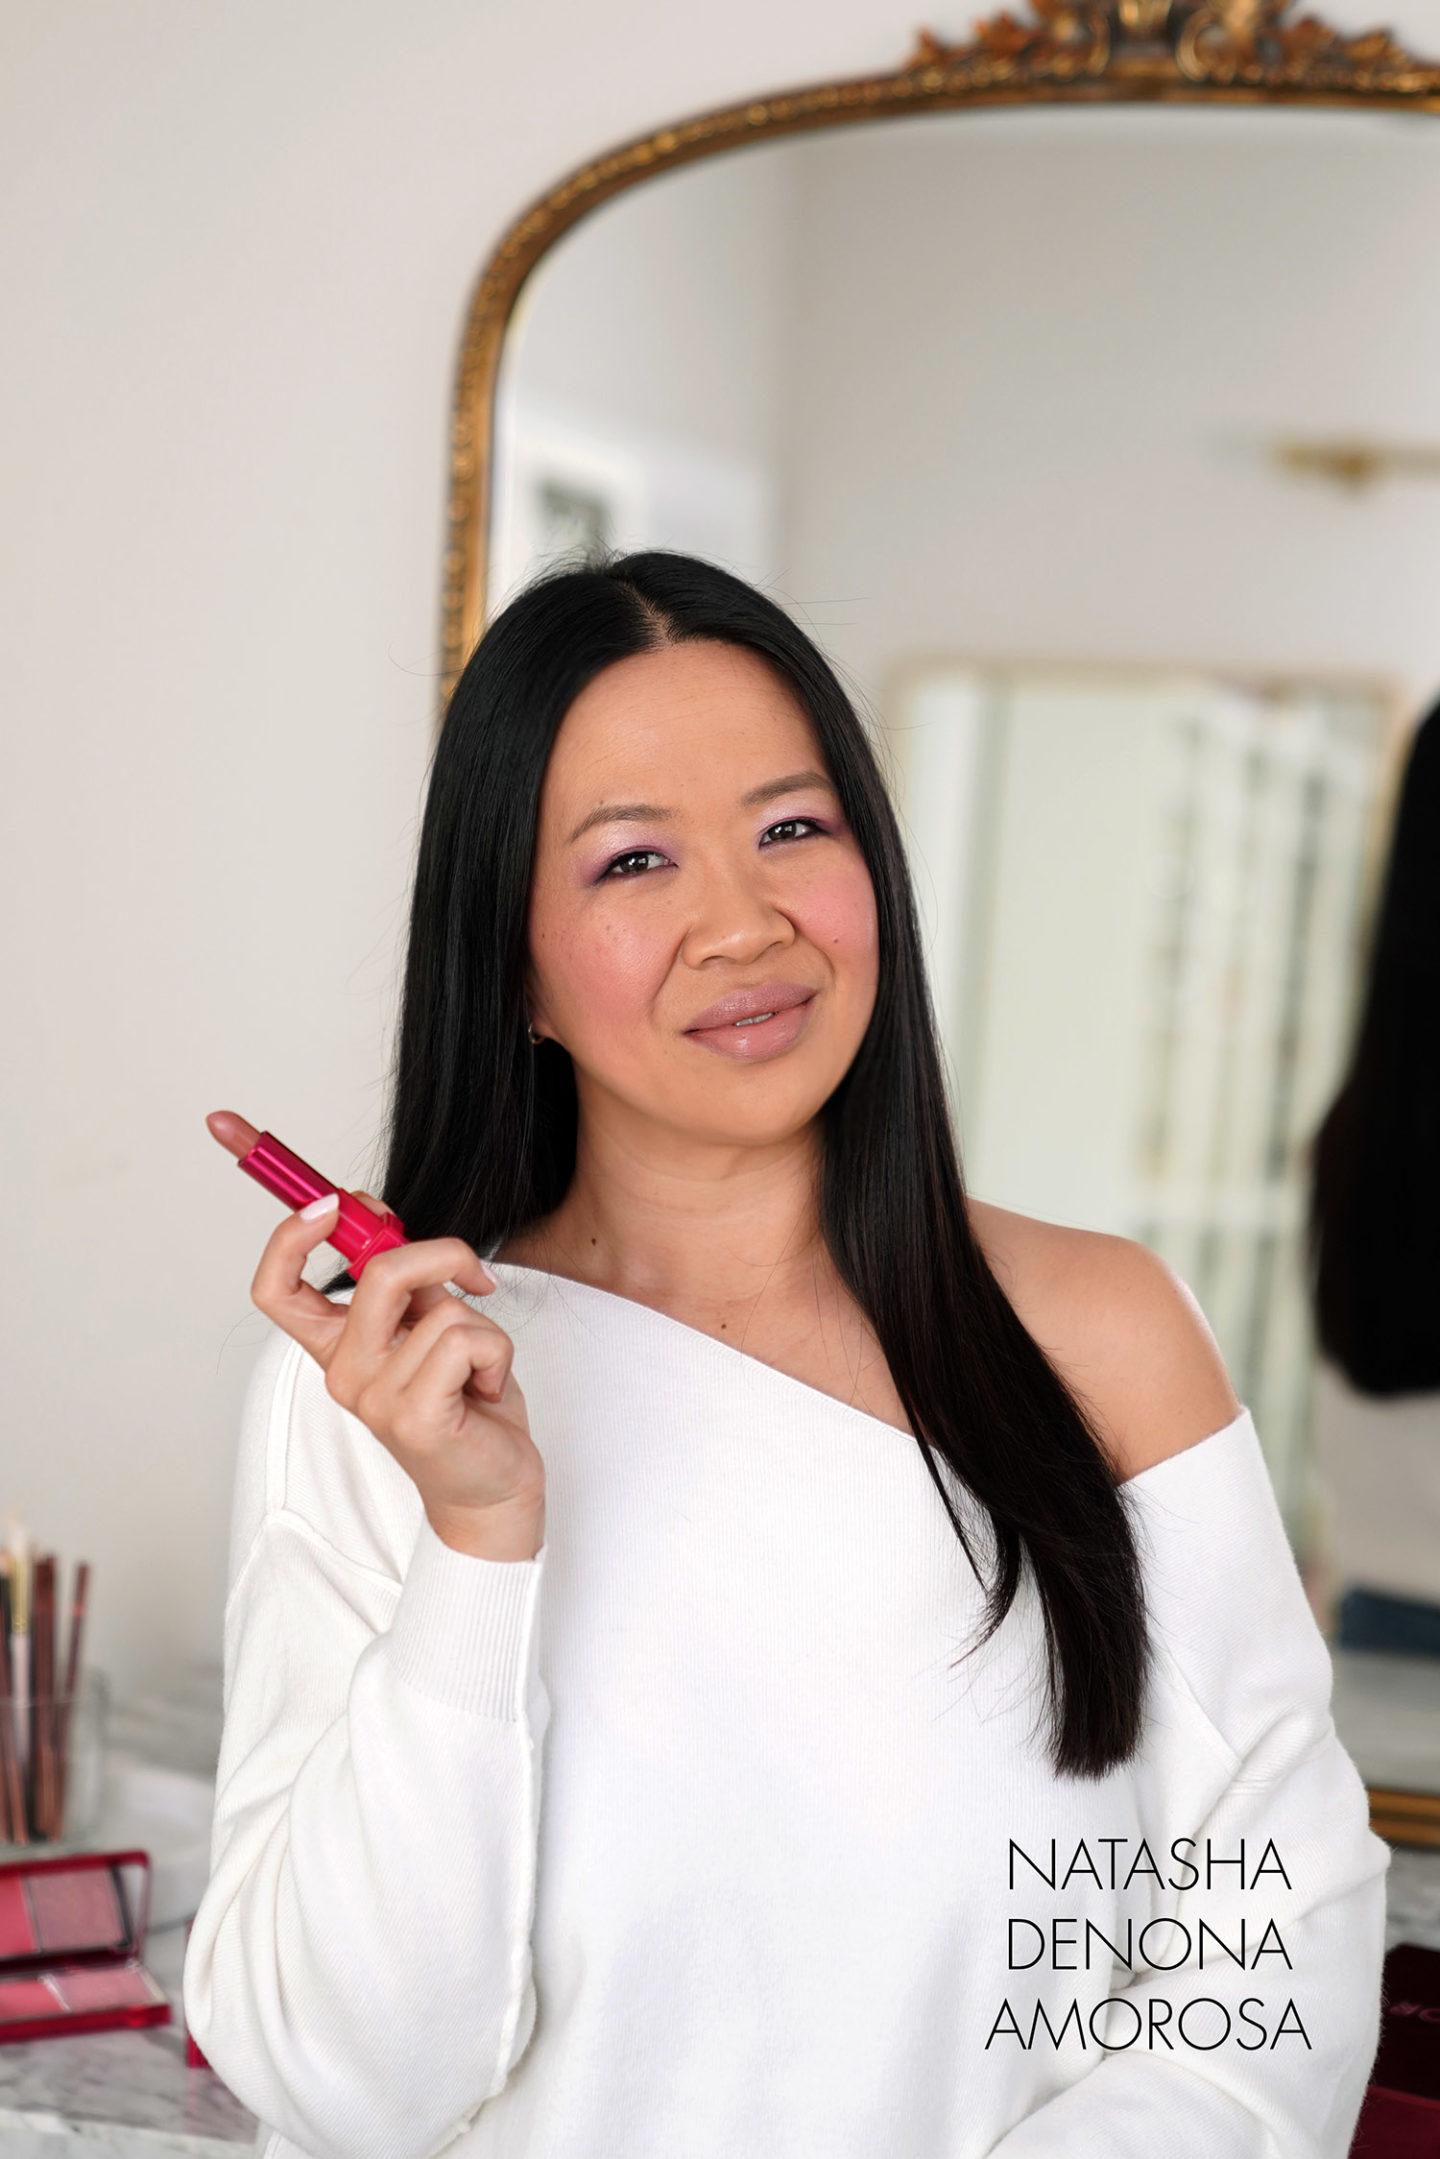 Natasha Denona Rouge à Lèvres Look Amorosa